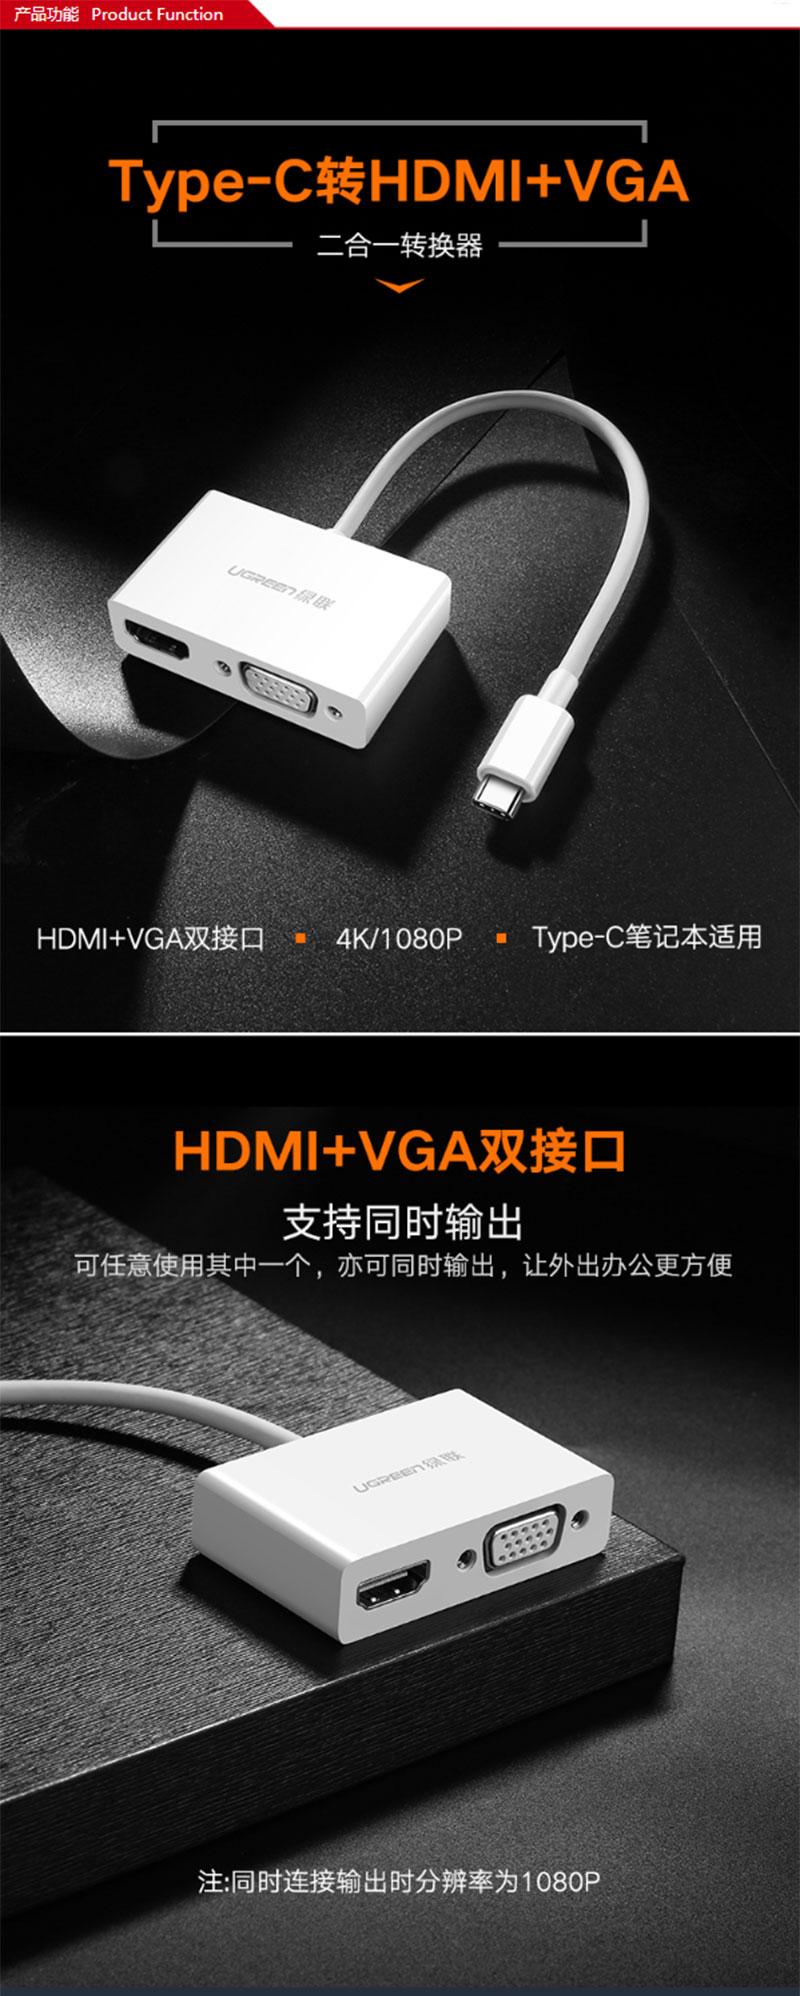 绿联30843 TYPE-C转HDMI+VGA